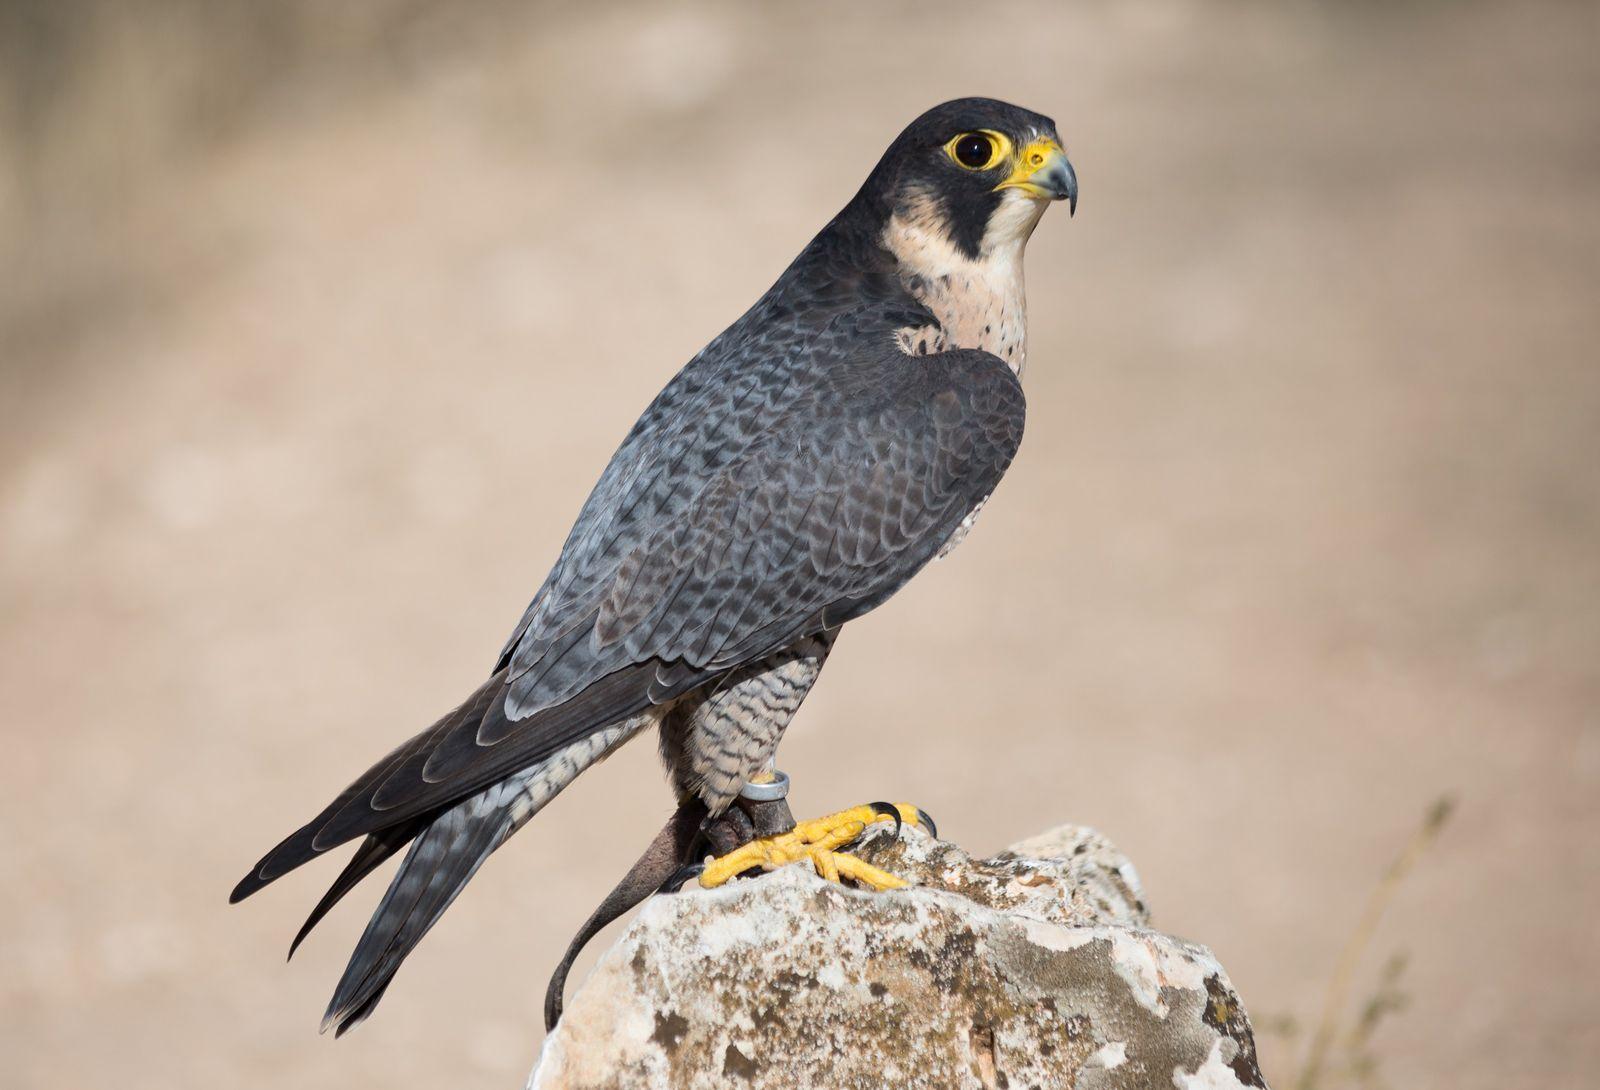 Faucon pèlerin - Falco peregrinus.